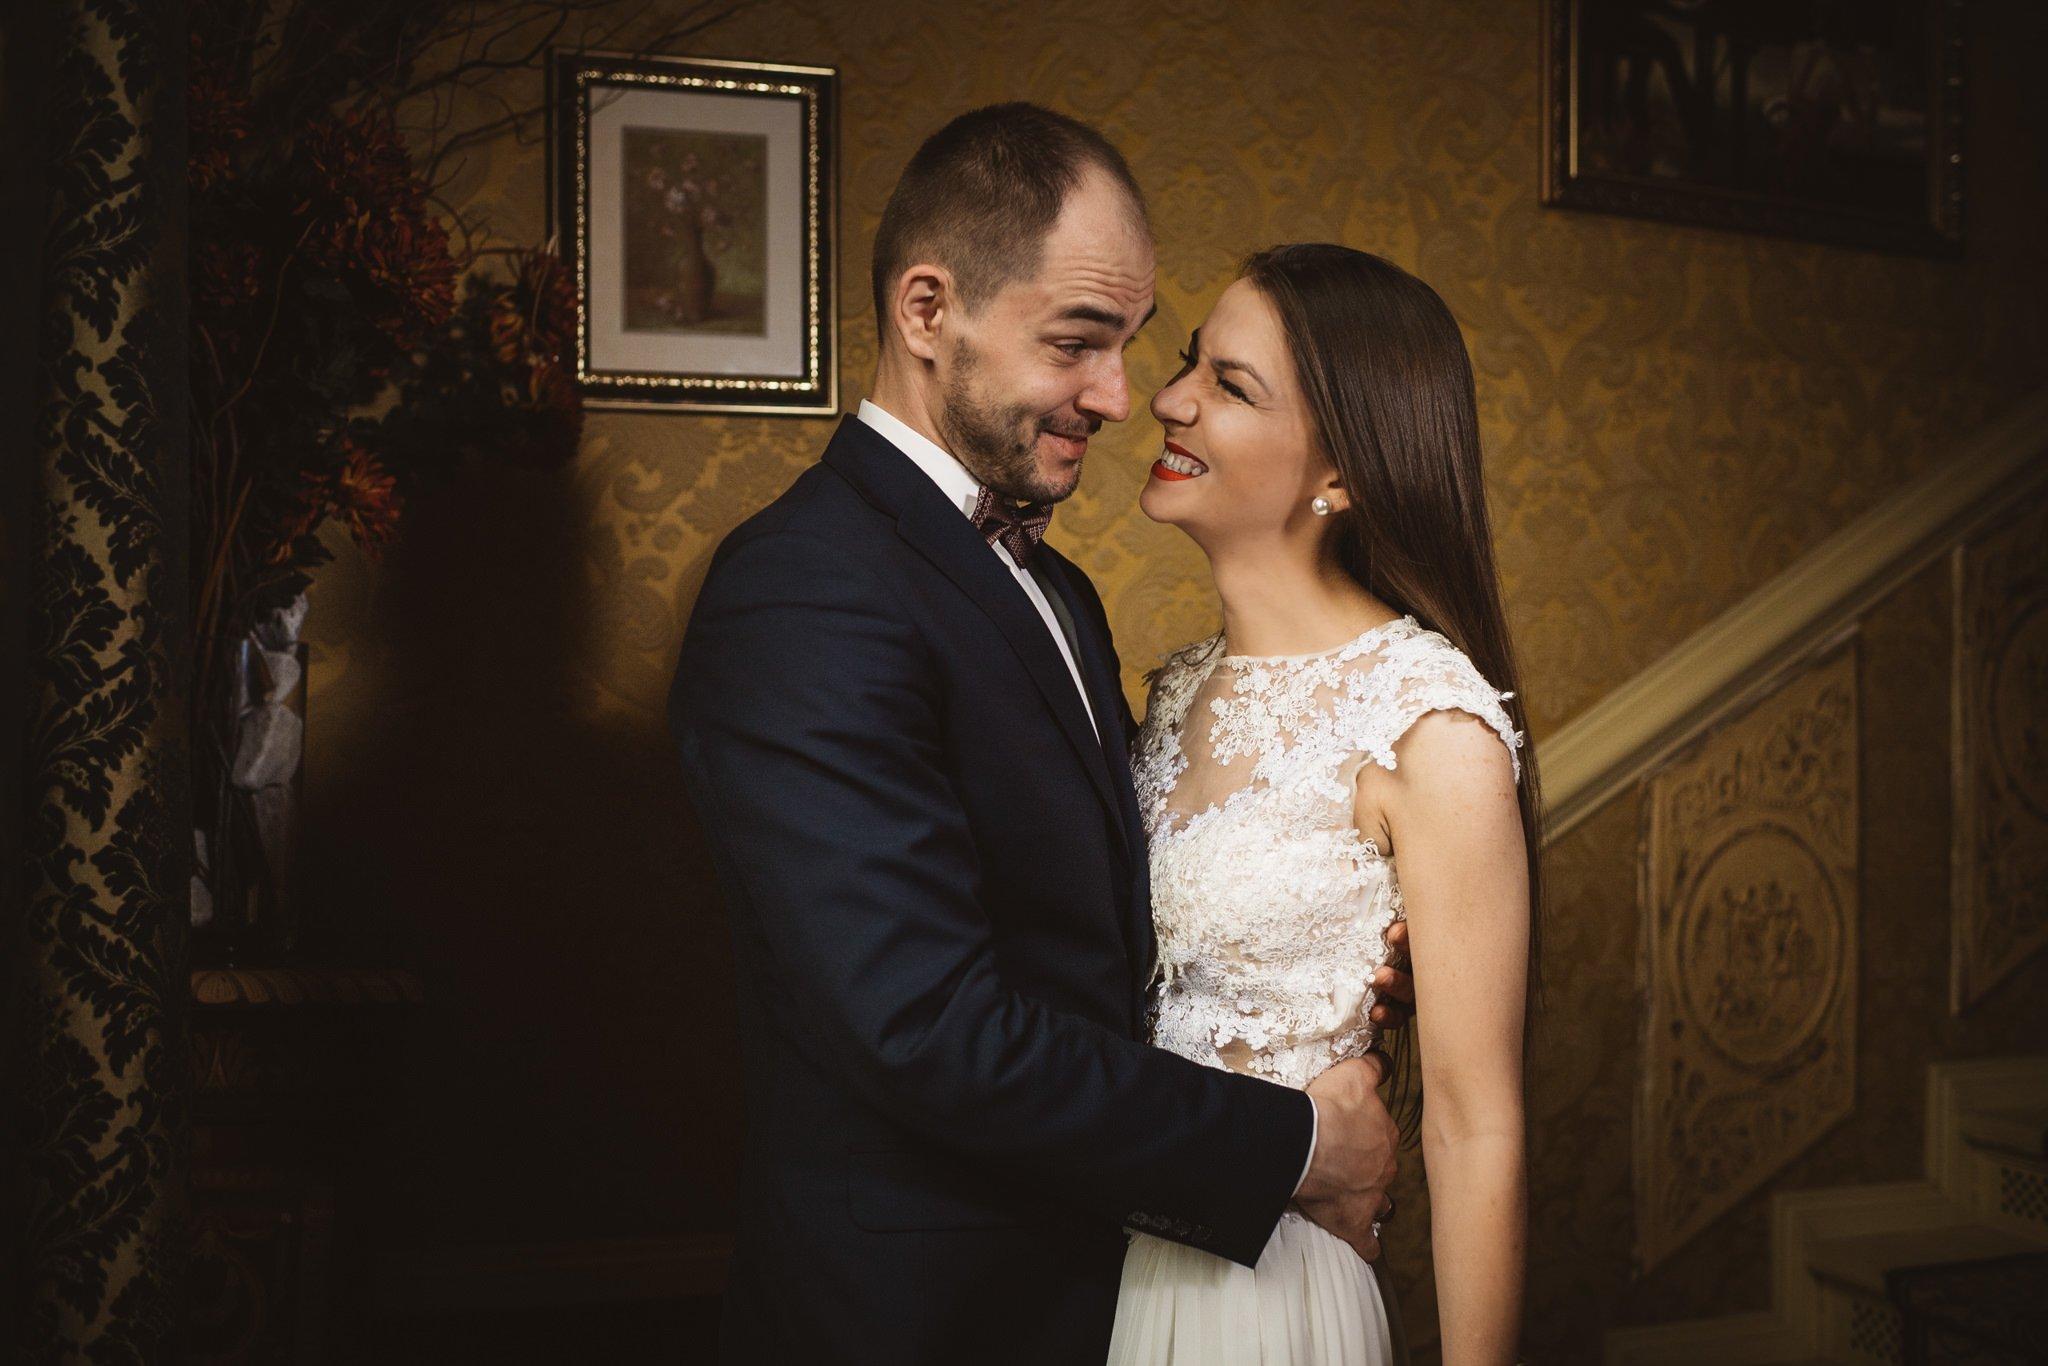 Ala i Arek, czyli jak zorganizować ślub i wesele w 4 tygodnie! 420